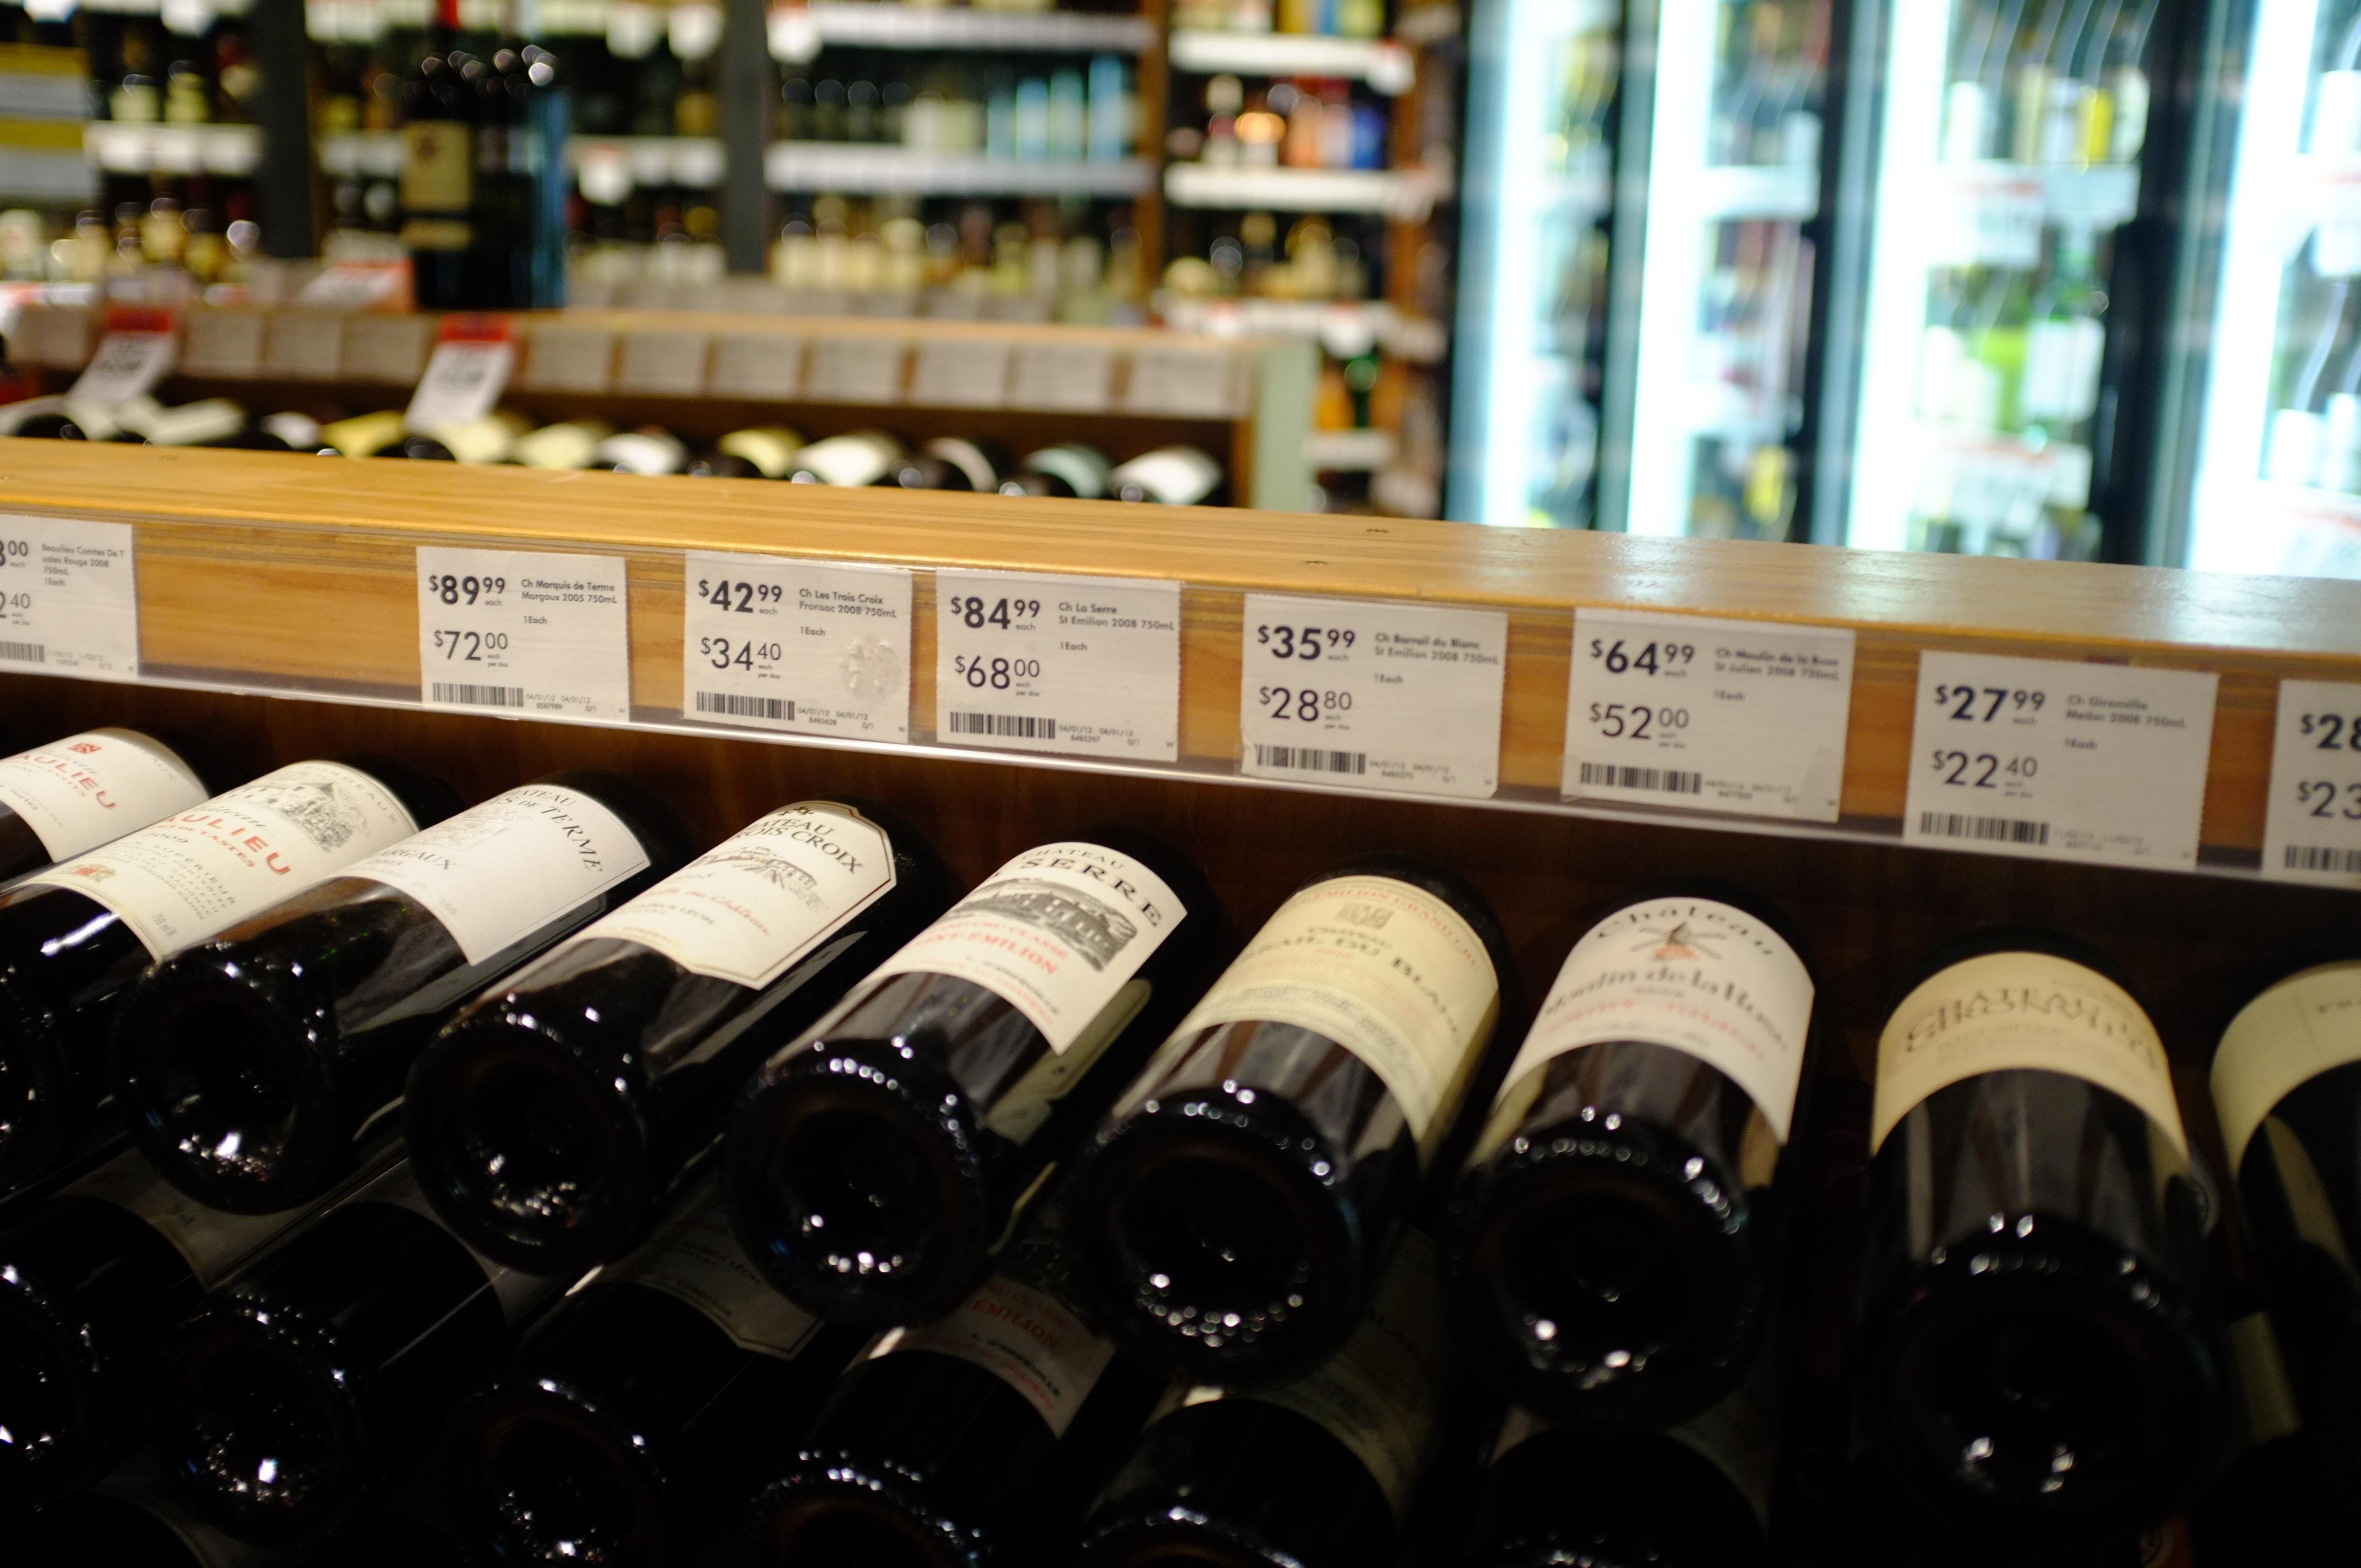 precificação no varejo: vinhos em prateleira com preços